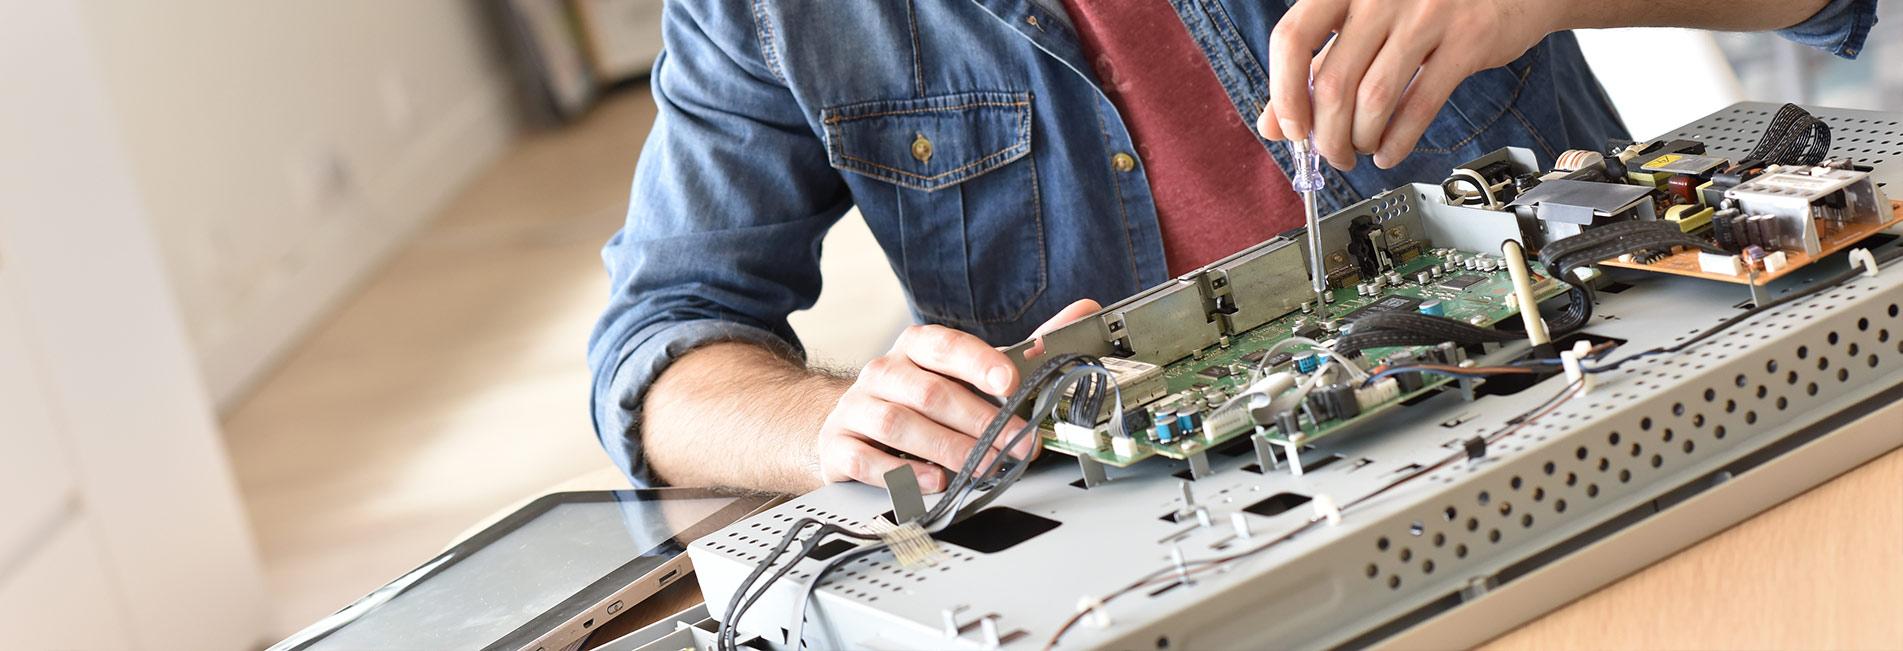 LCD TV Repair Service Center in Saravanampatti Coimbatore